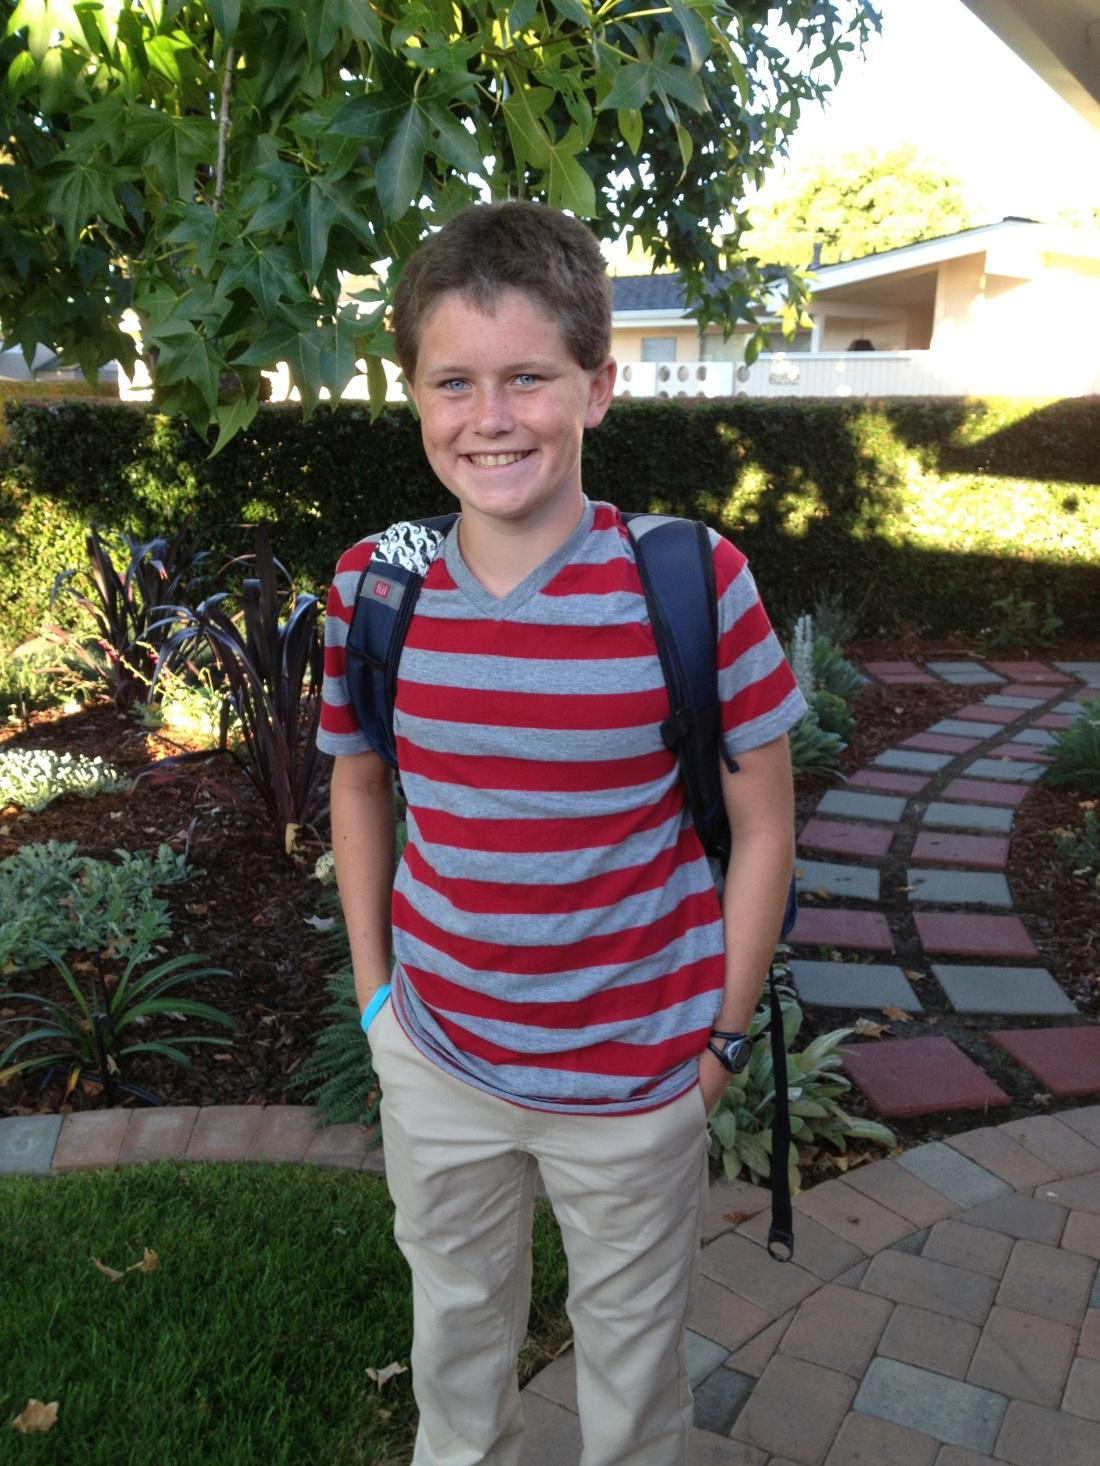 9th grader!